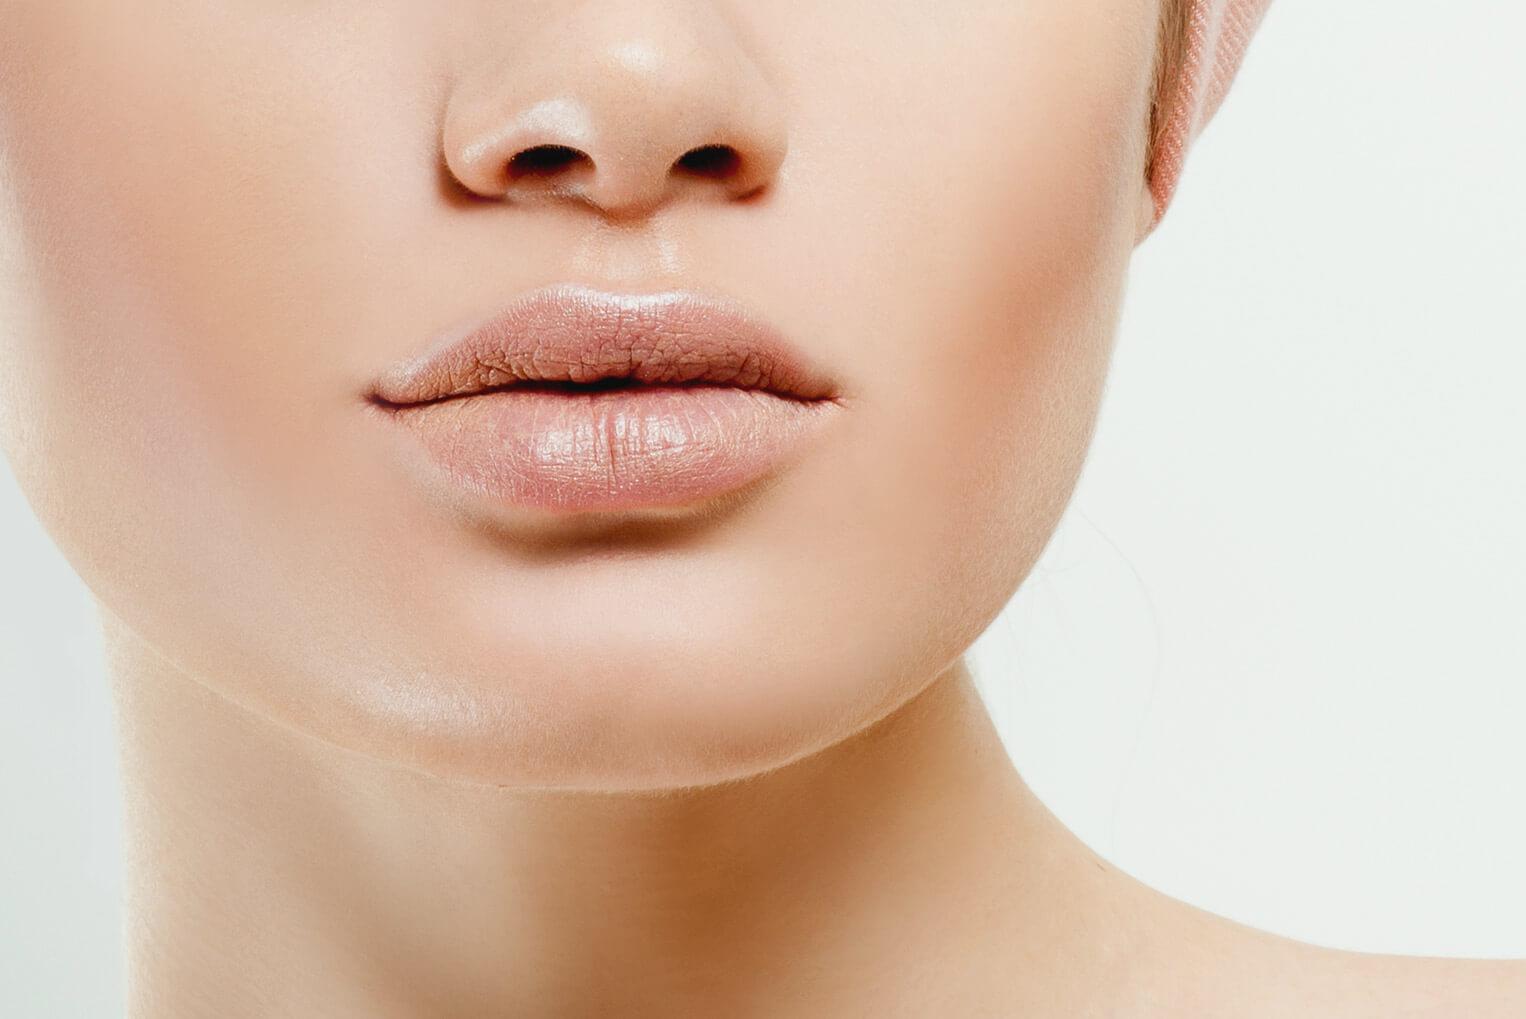 Moldeamiento y Aumento de Labios